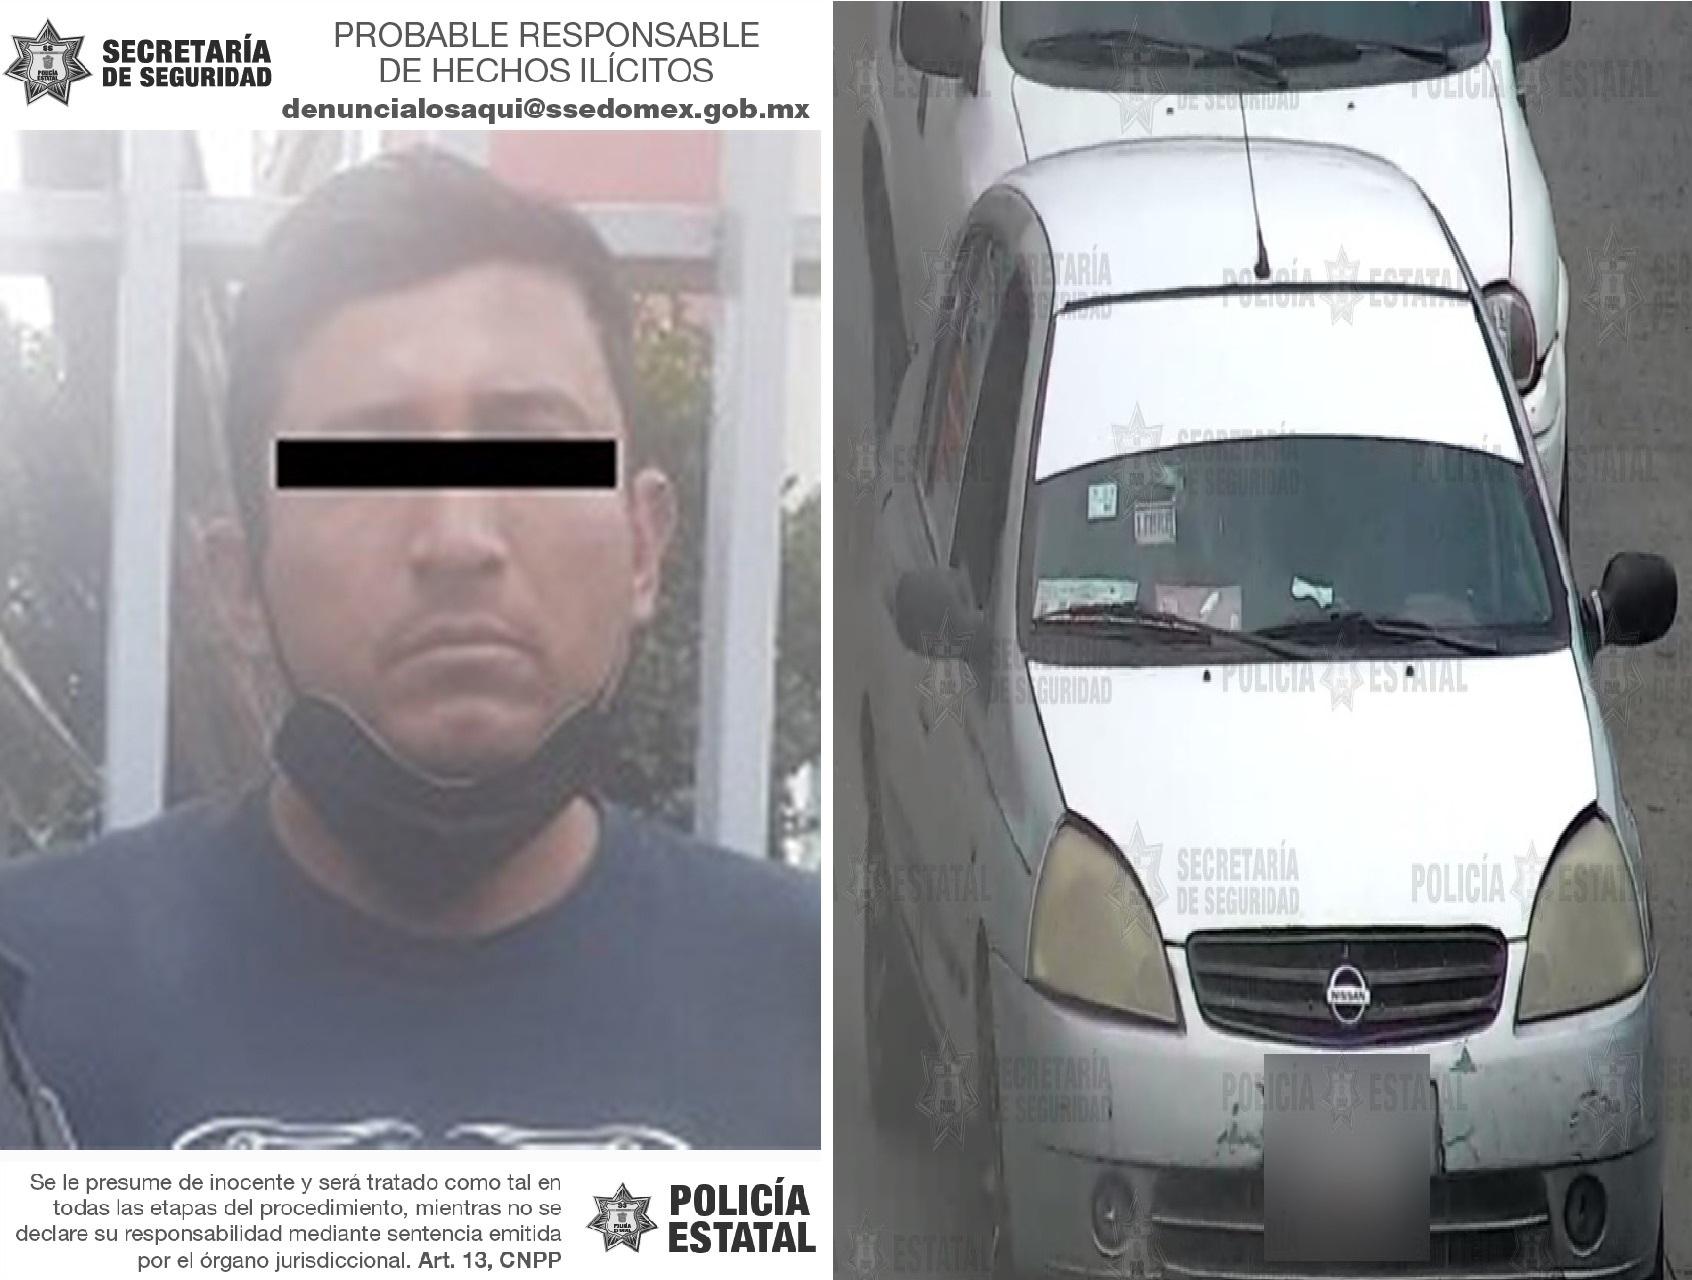 RECUPERAN UN VEHÍCULO CON REPORTE DE ROBO EN ECATEPEC